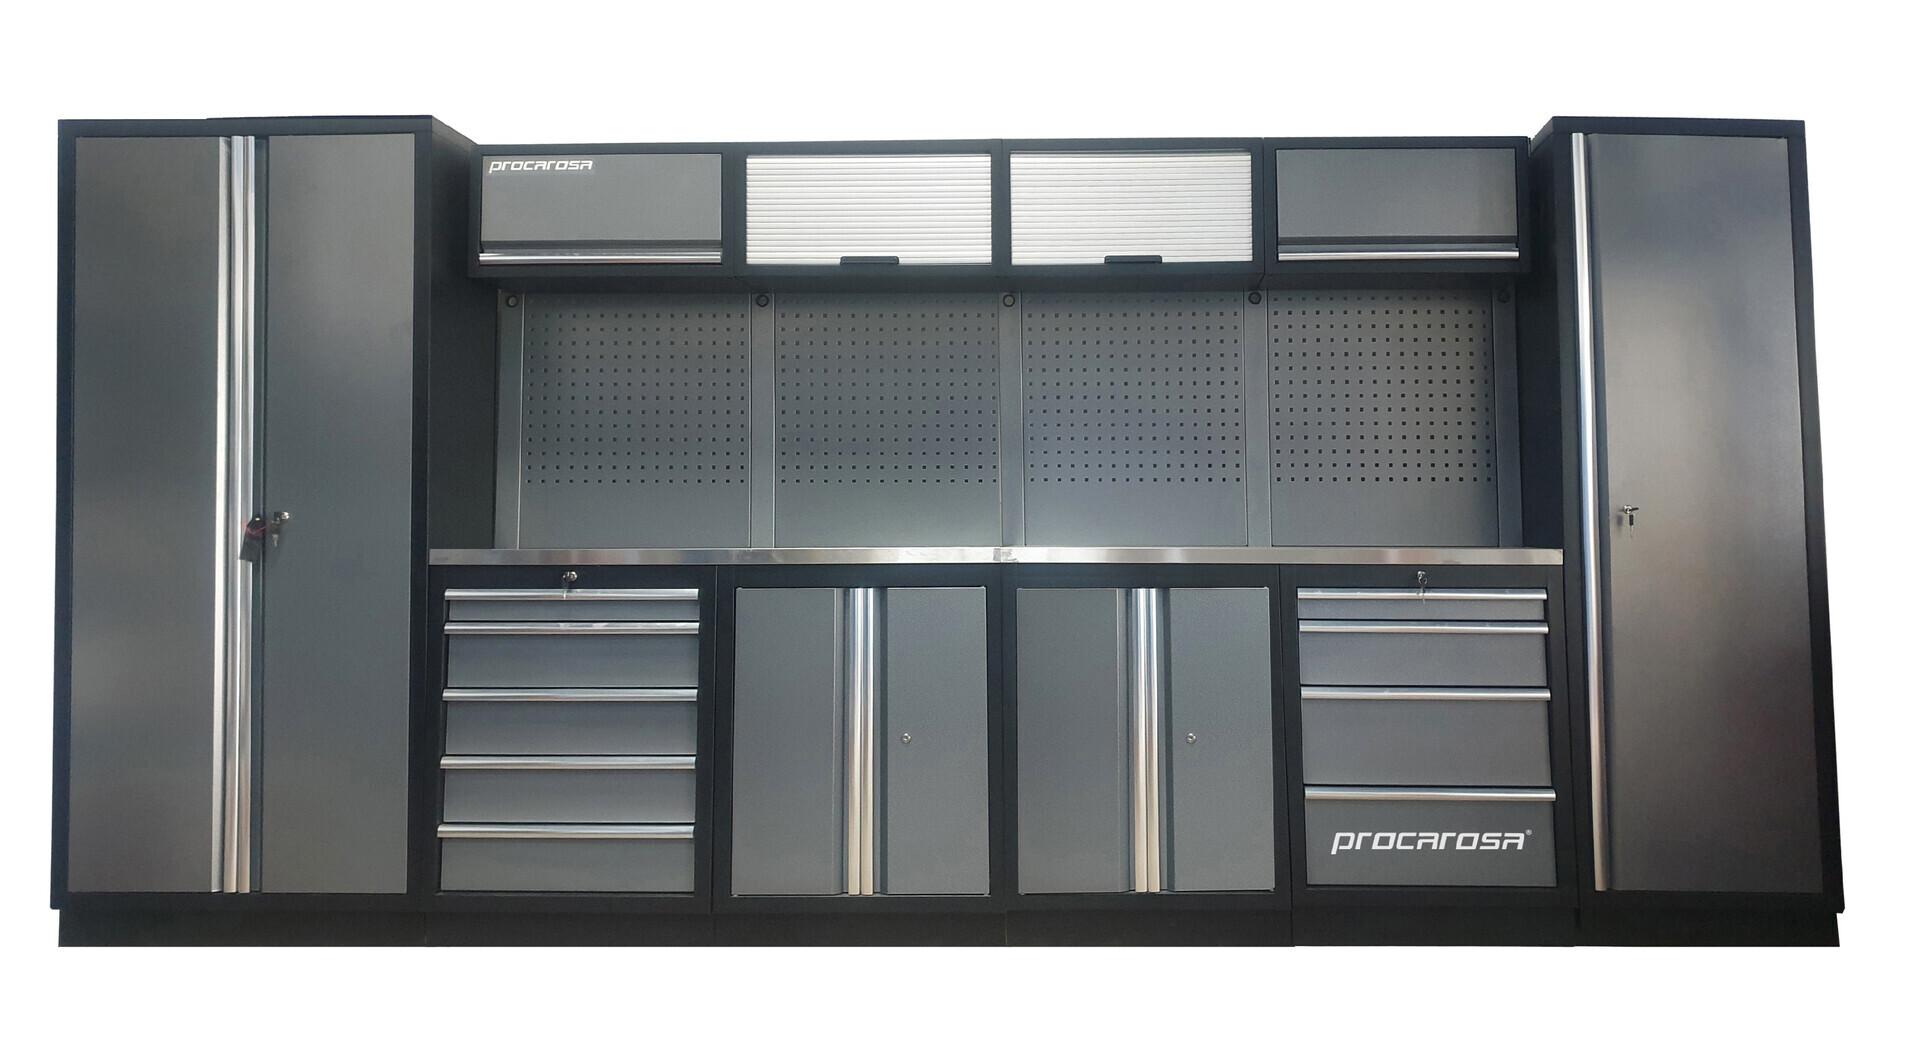 Sestava dílenského nábytku Procarosa PROFESSIONAL XL-2 Pracovní deska: nerezová, Hmotnost: